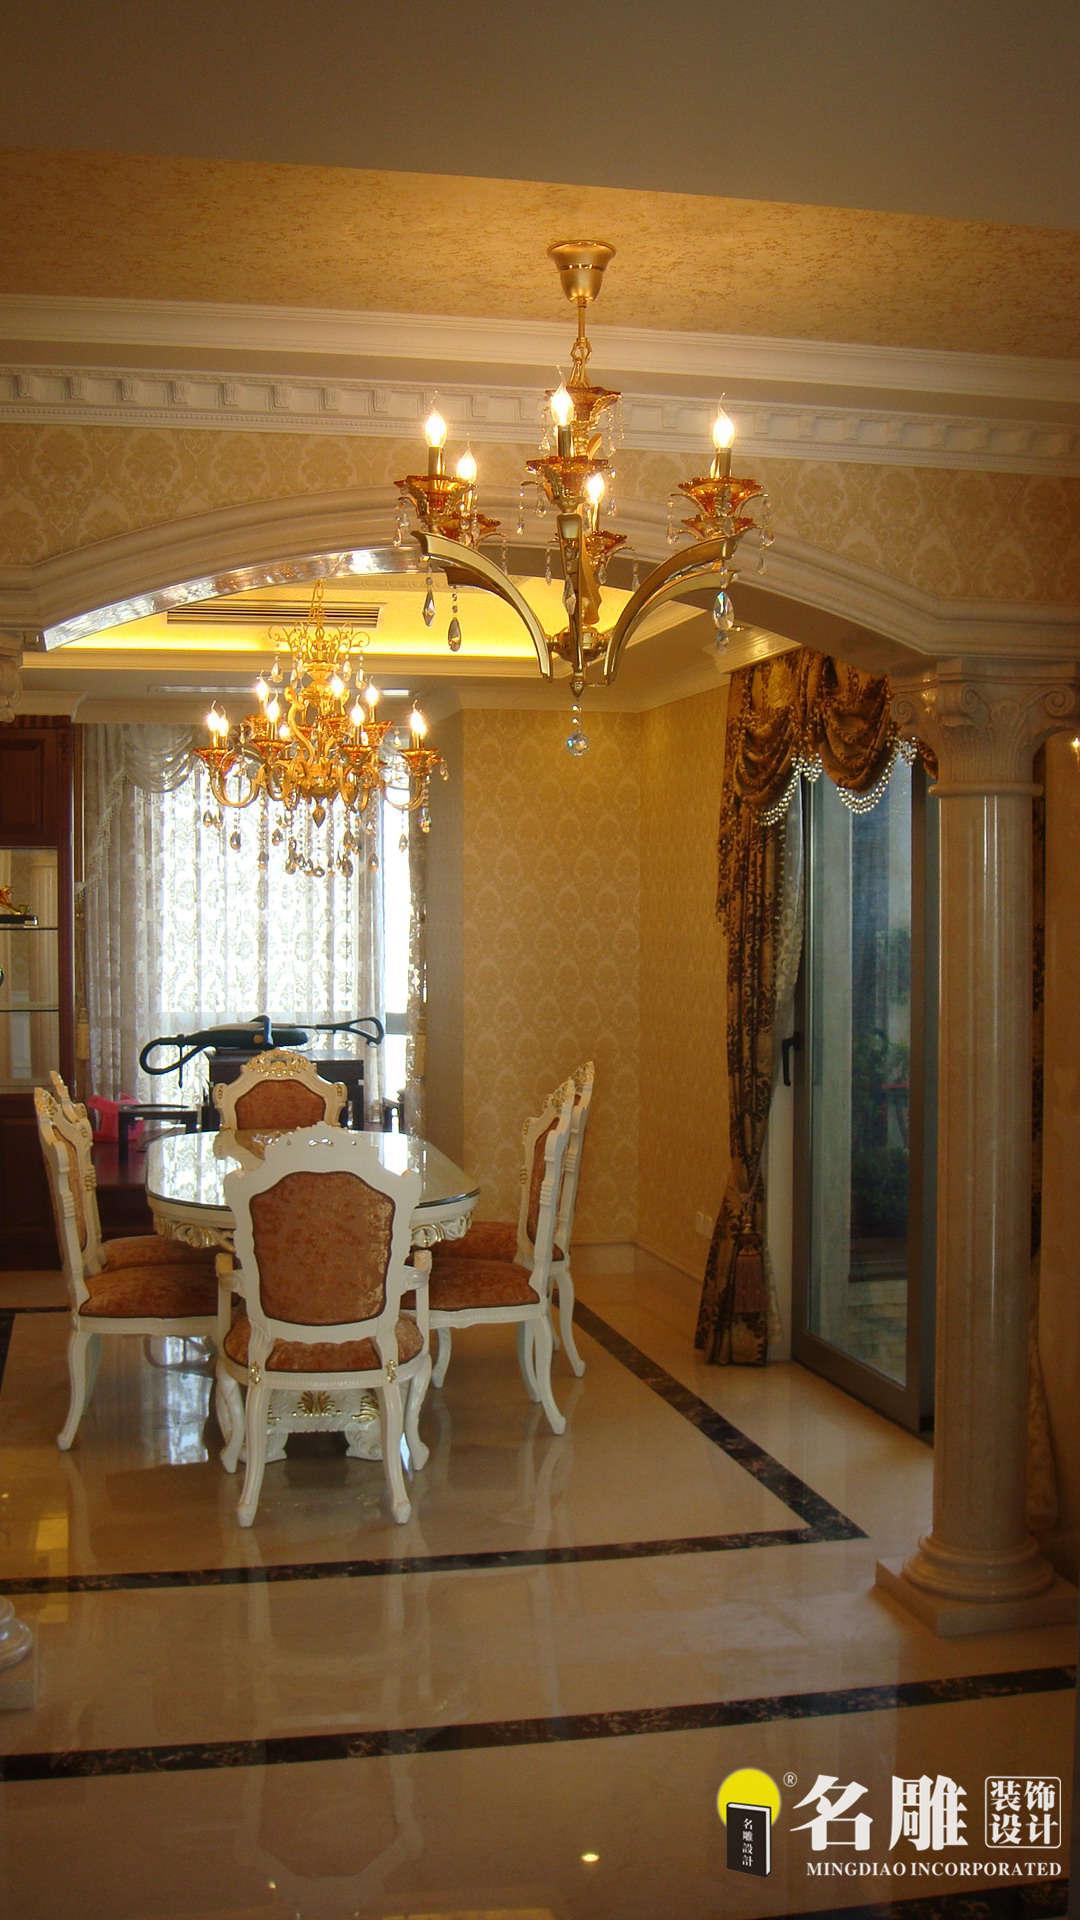 欧式 四居室 香蜜湖一号 高富帅 暖色调装饰 名雕装饰 餐厅图片来自名雕装饰设计在香蜜湖一号华皓阁欧式奢华空间的分享